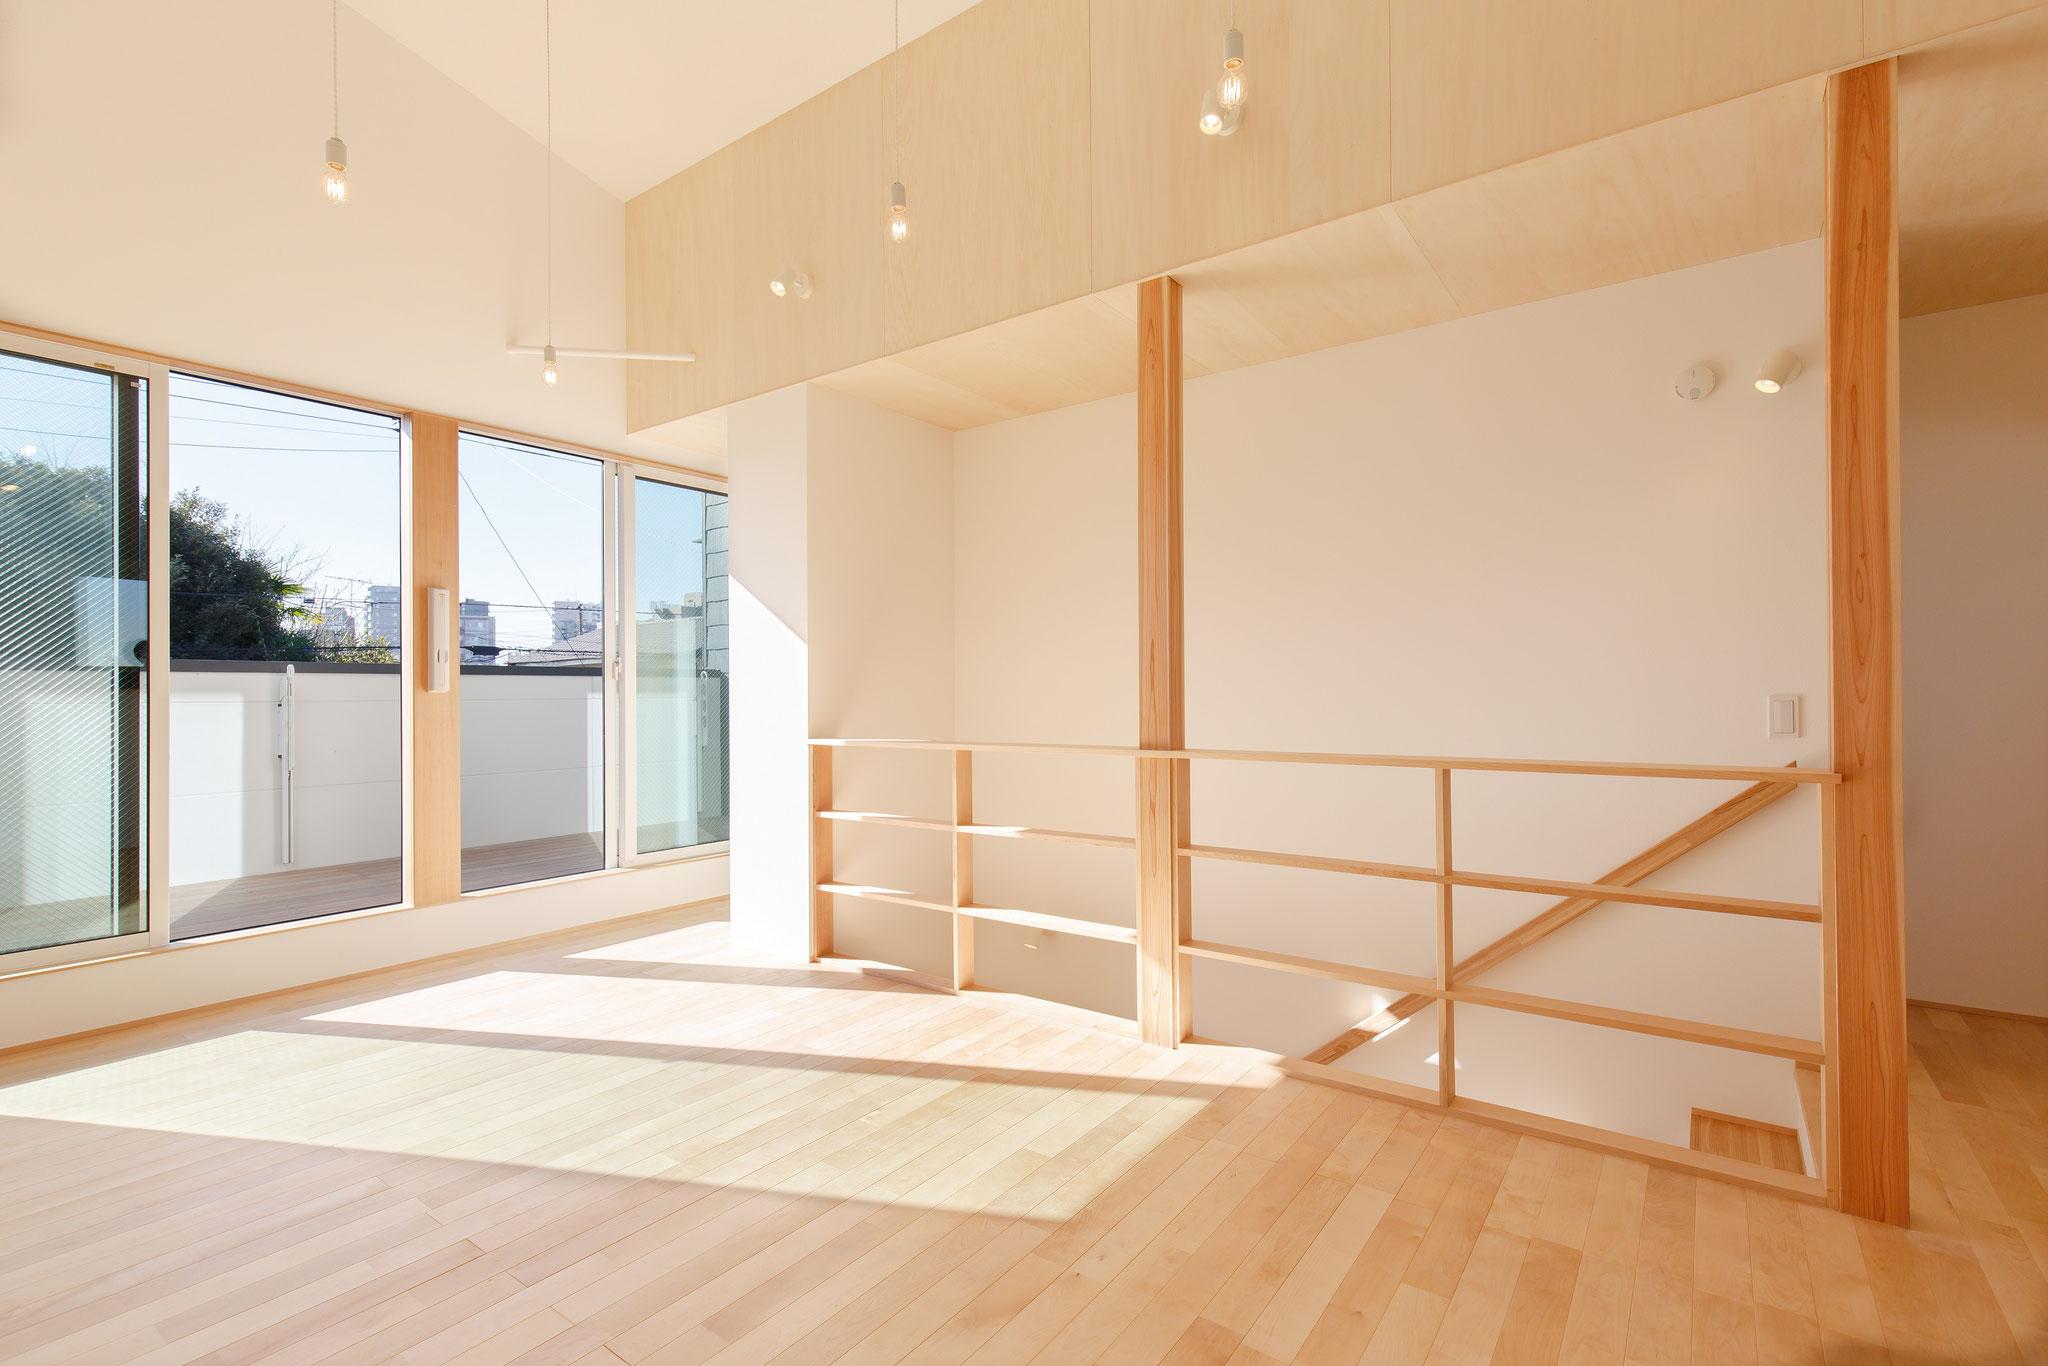 日野・豊田の住まい|house_in_toyoda|東京